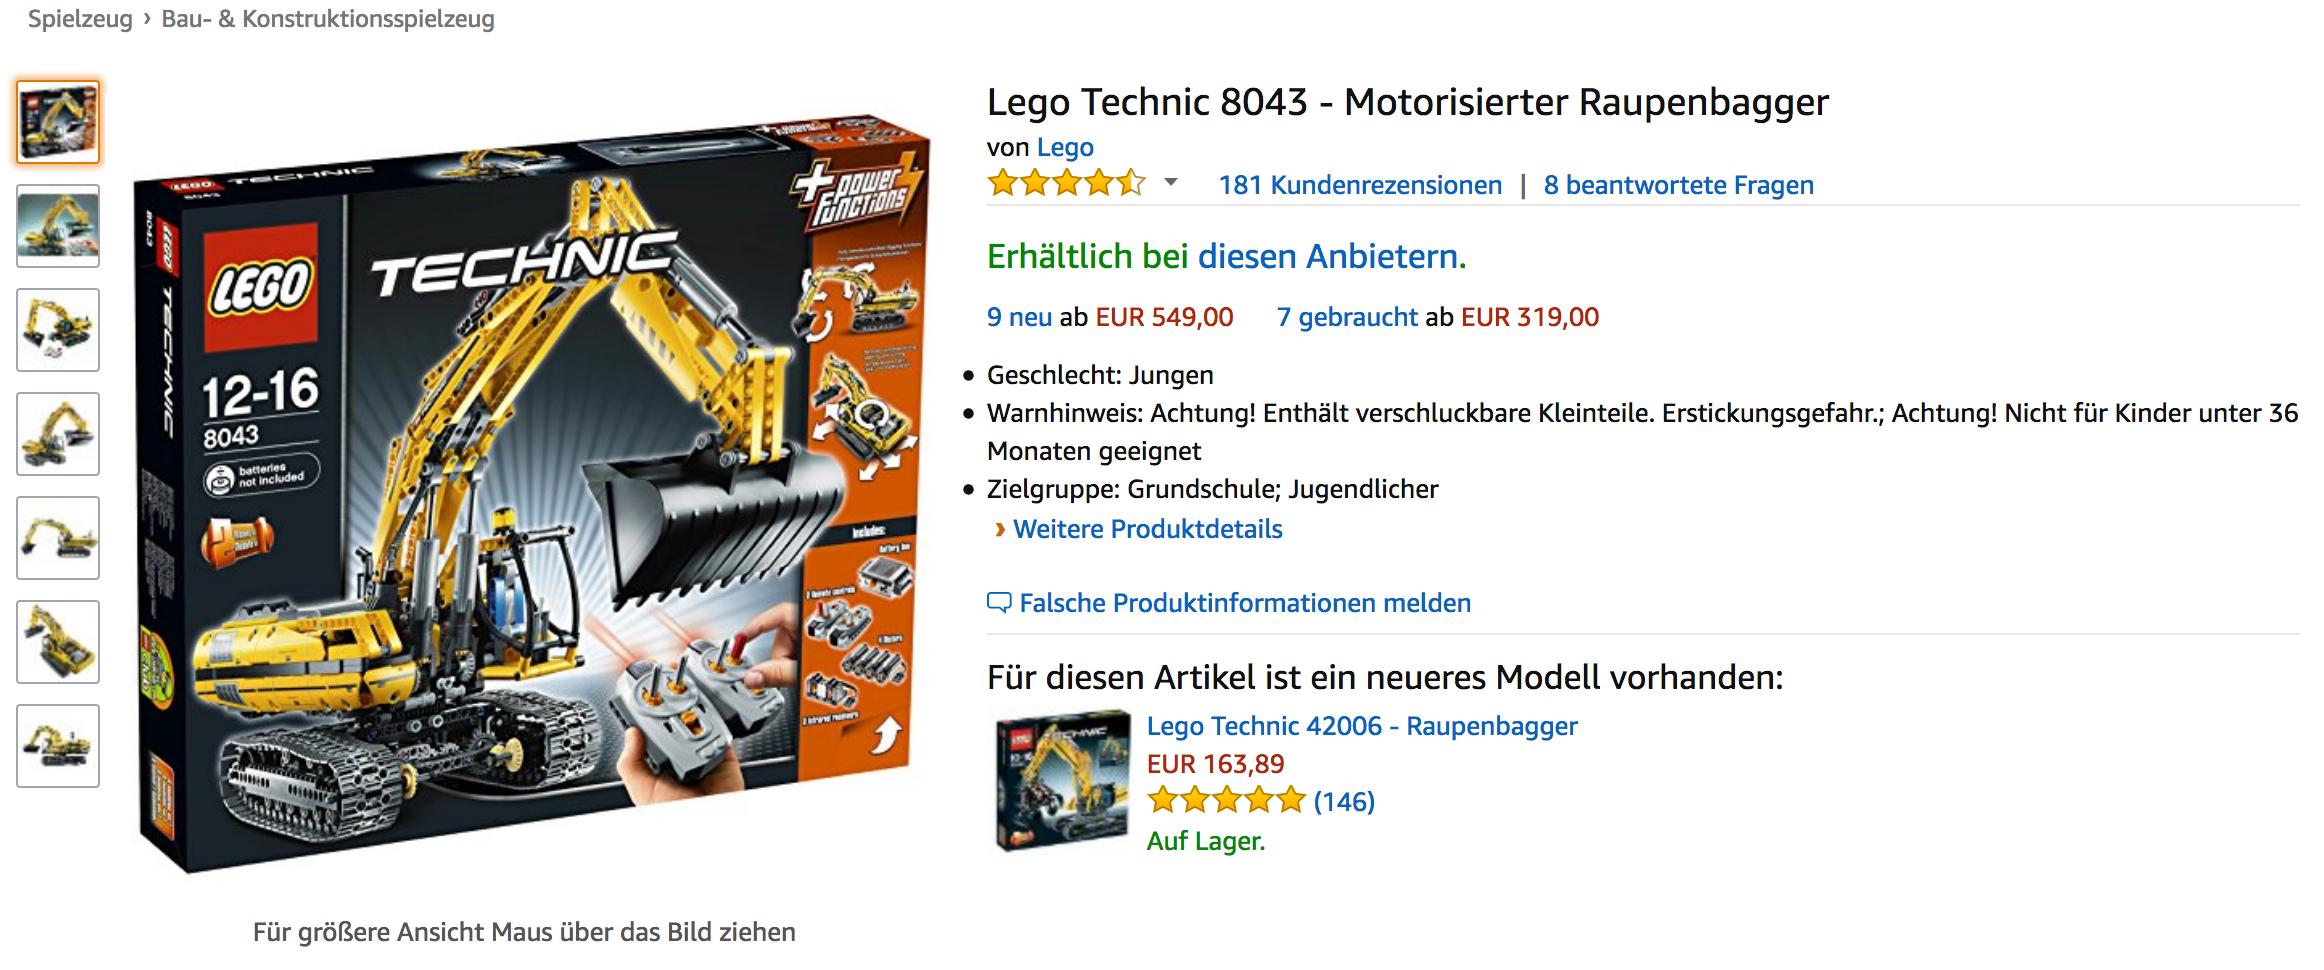 Lego Technic. Geschlecht: Jungen